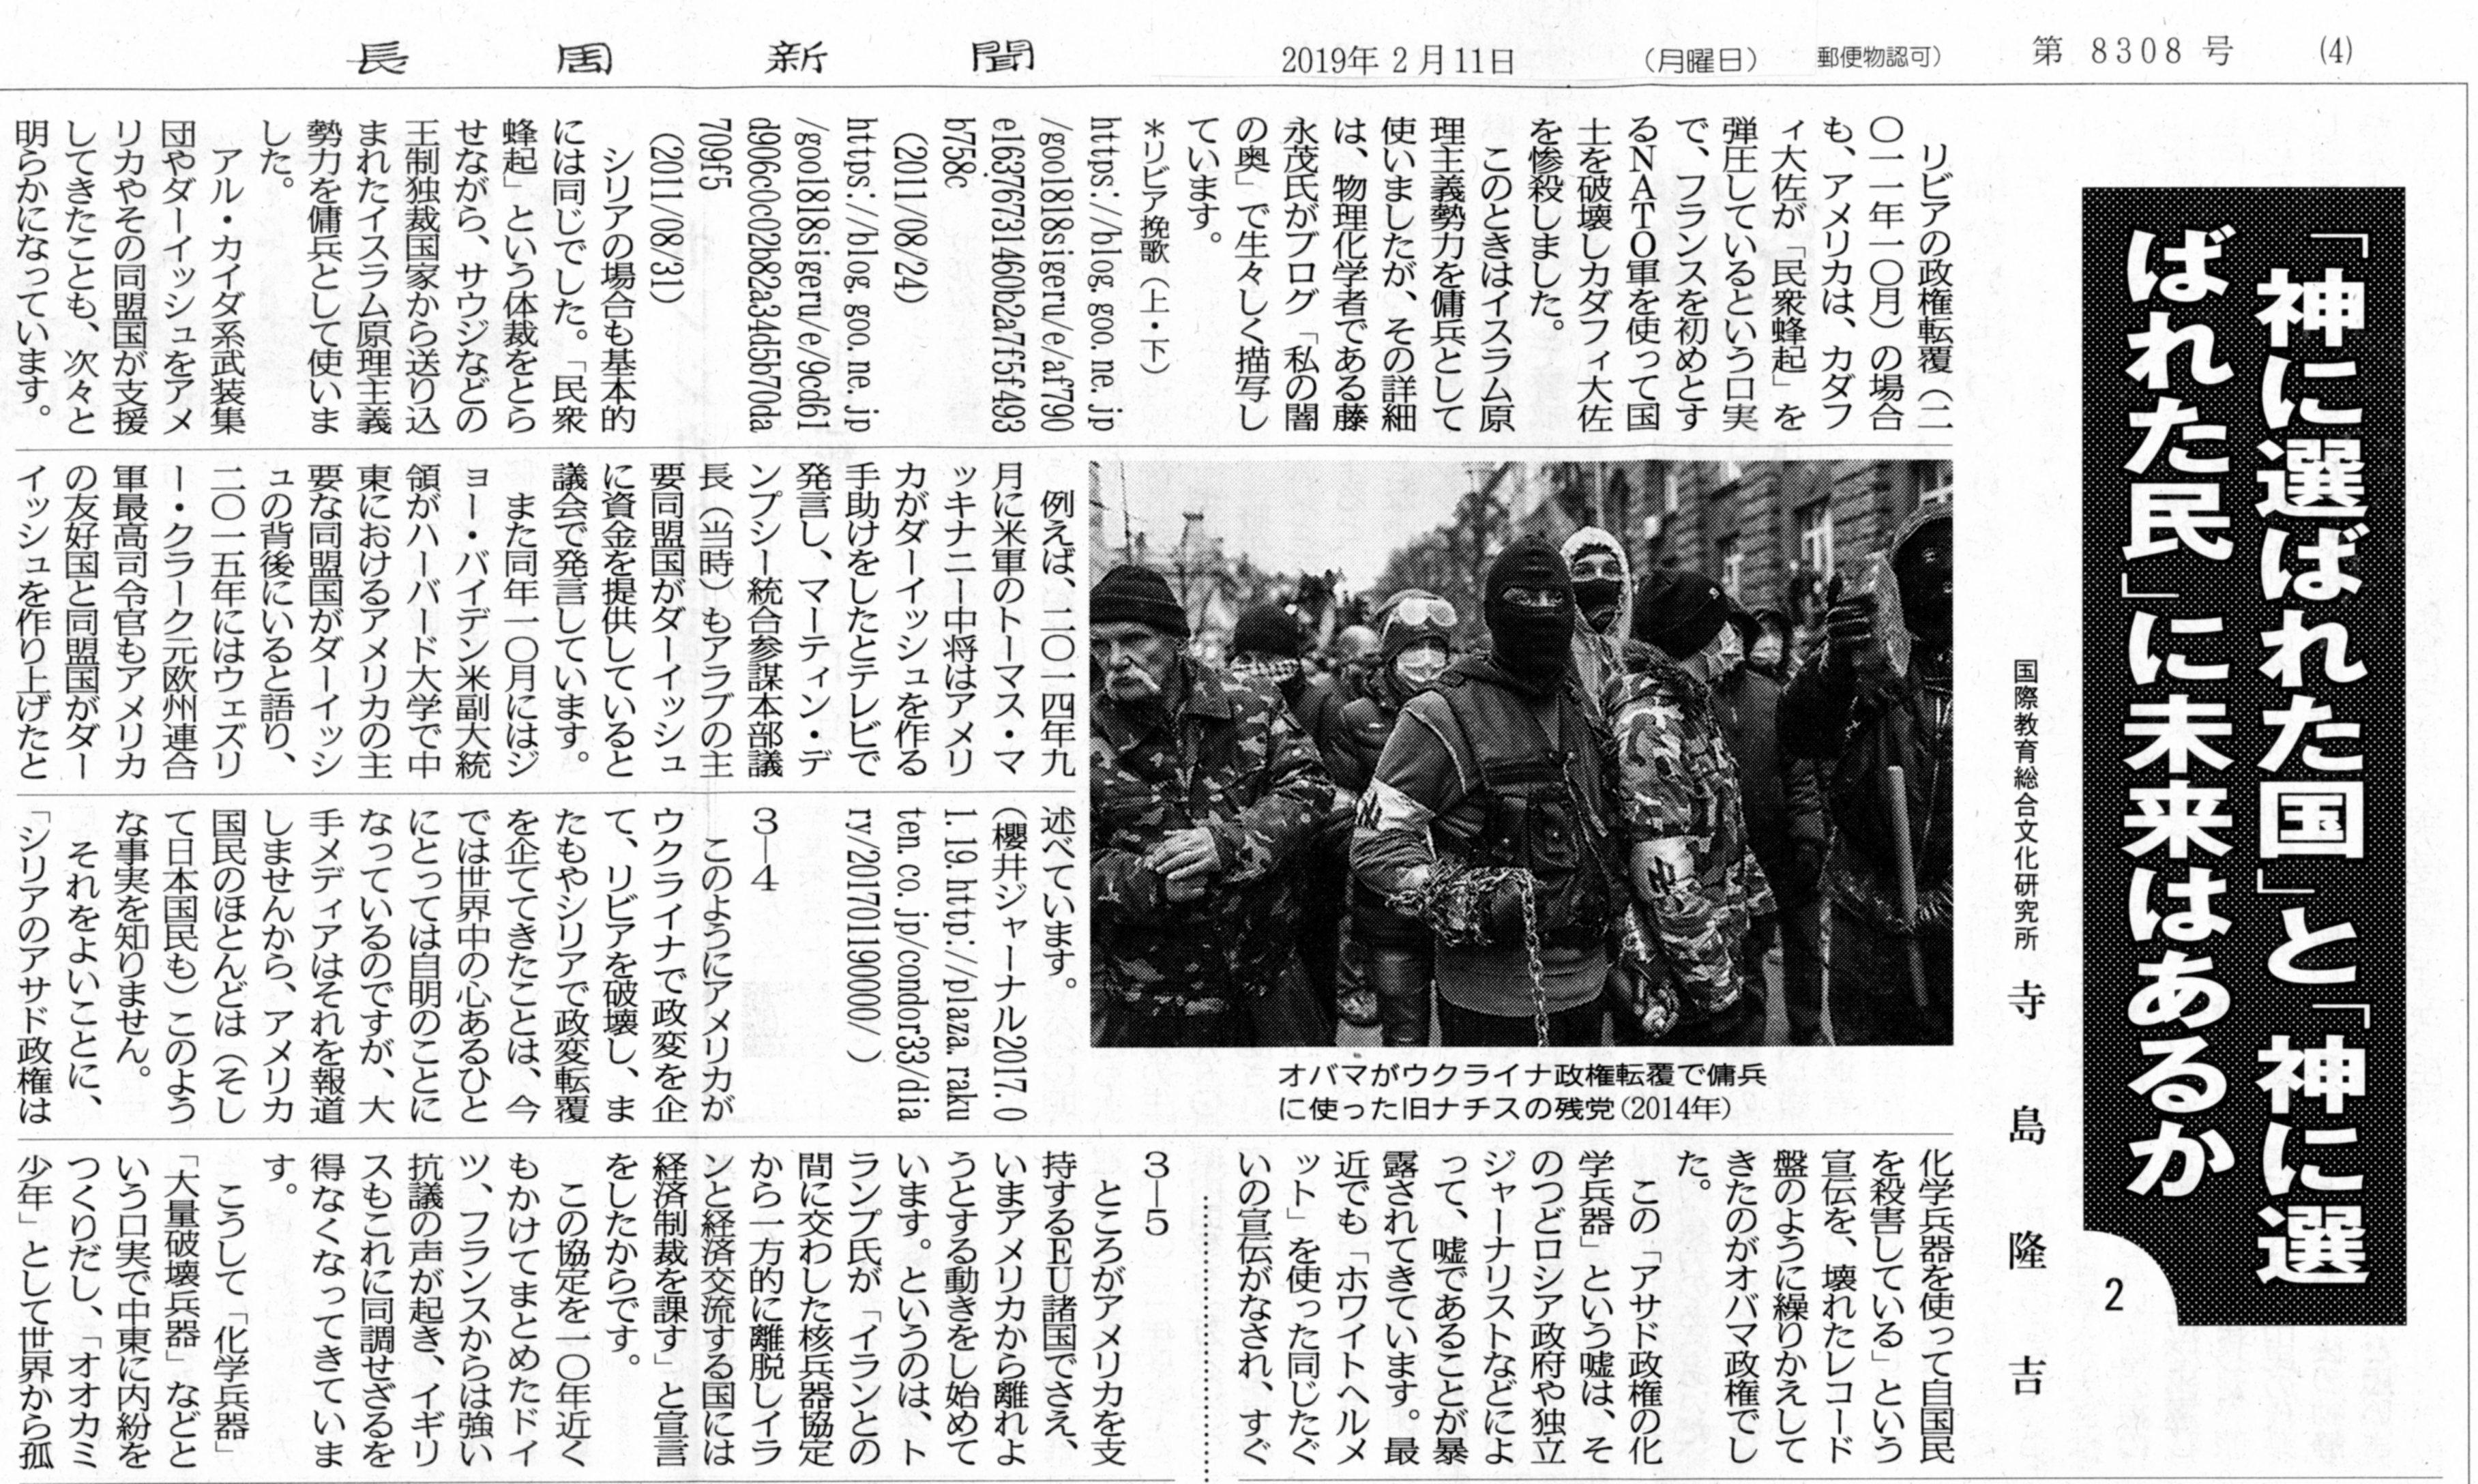 長州新聞20190210神に選ばれた国と神に選ばれた民に未来はあるか②211